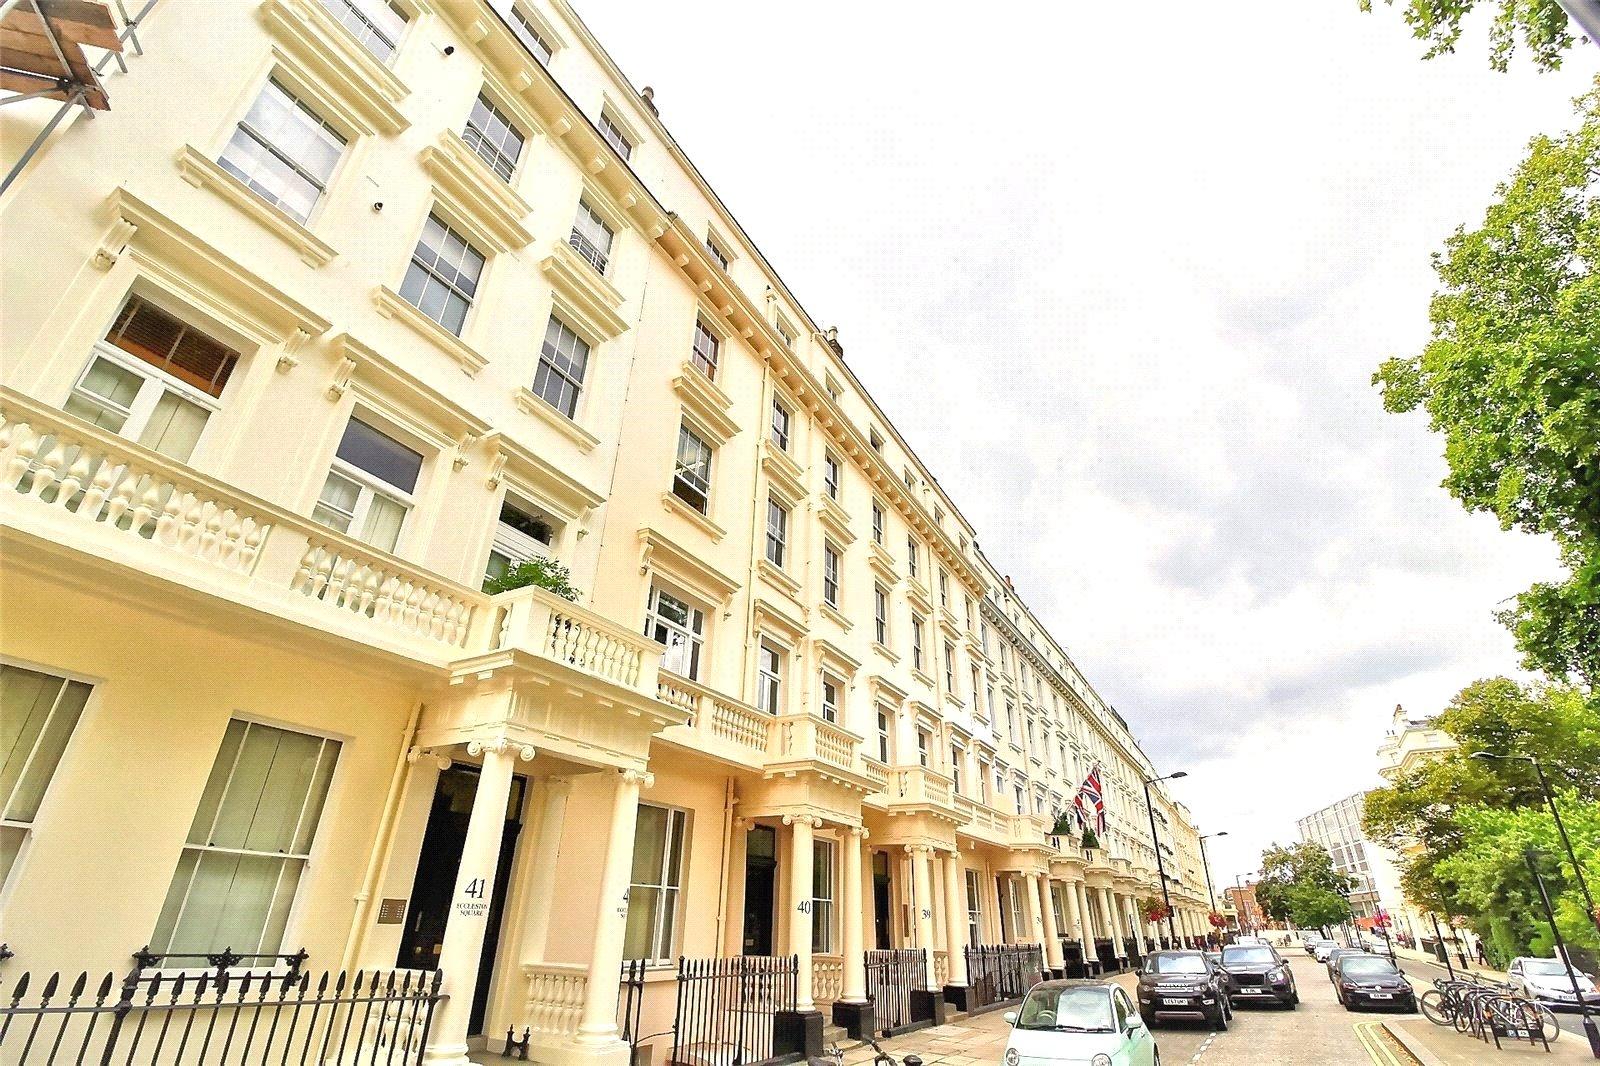 Eccleston Square  Pimlico  London  SW1V